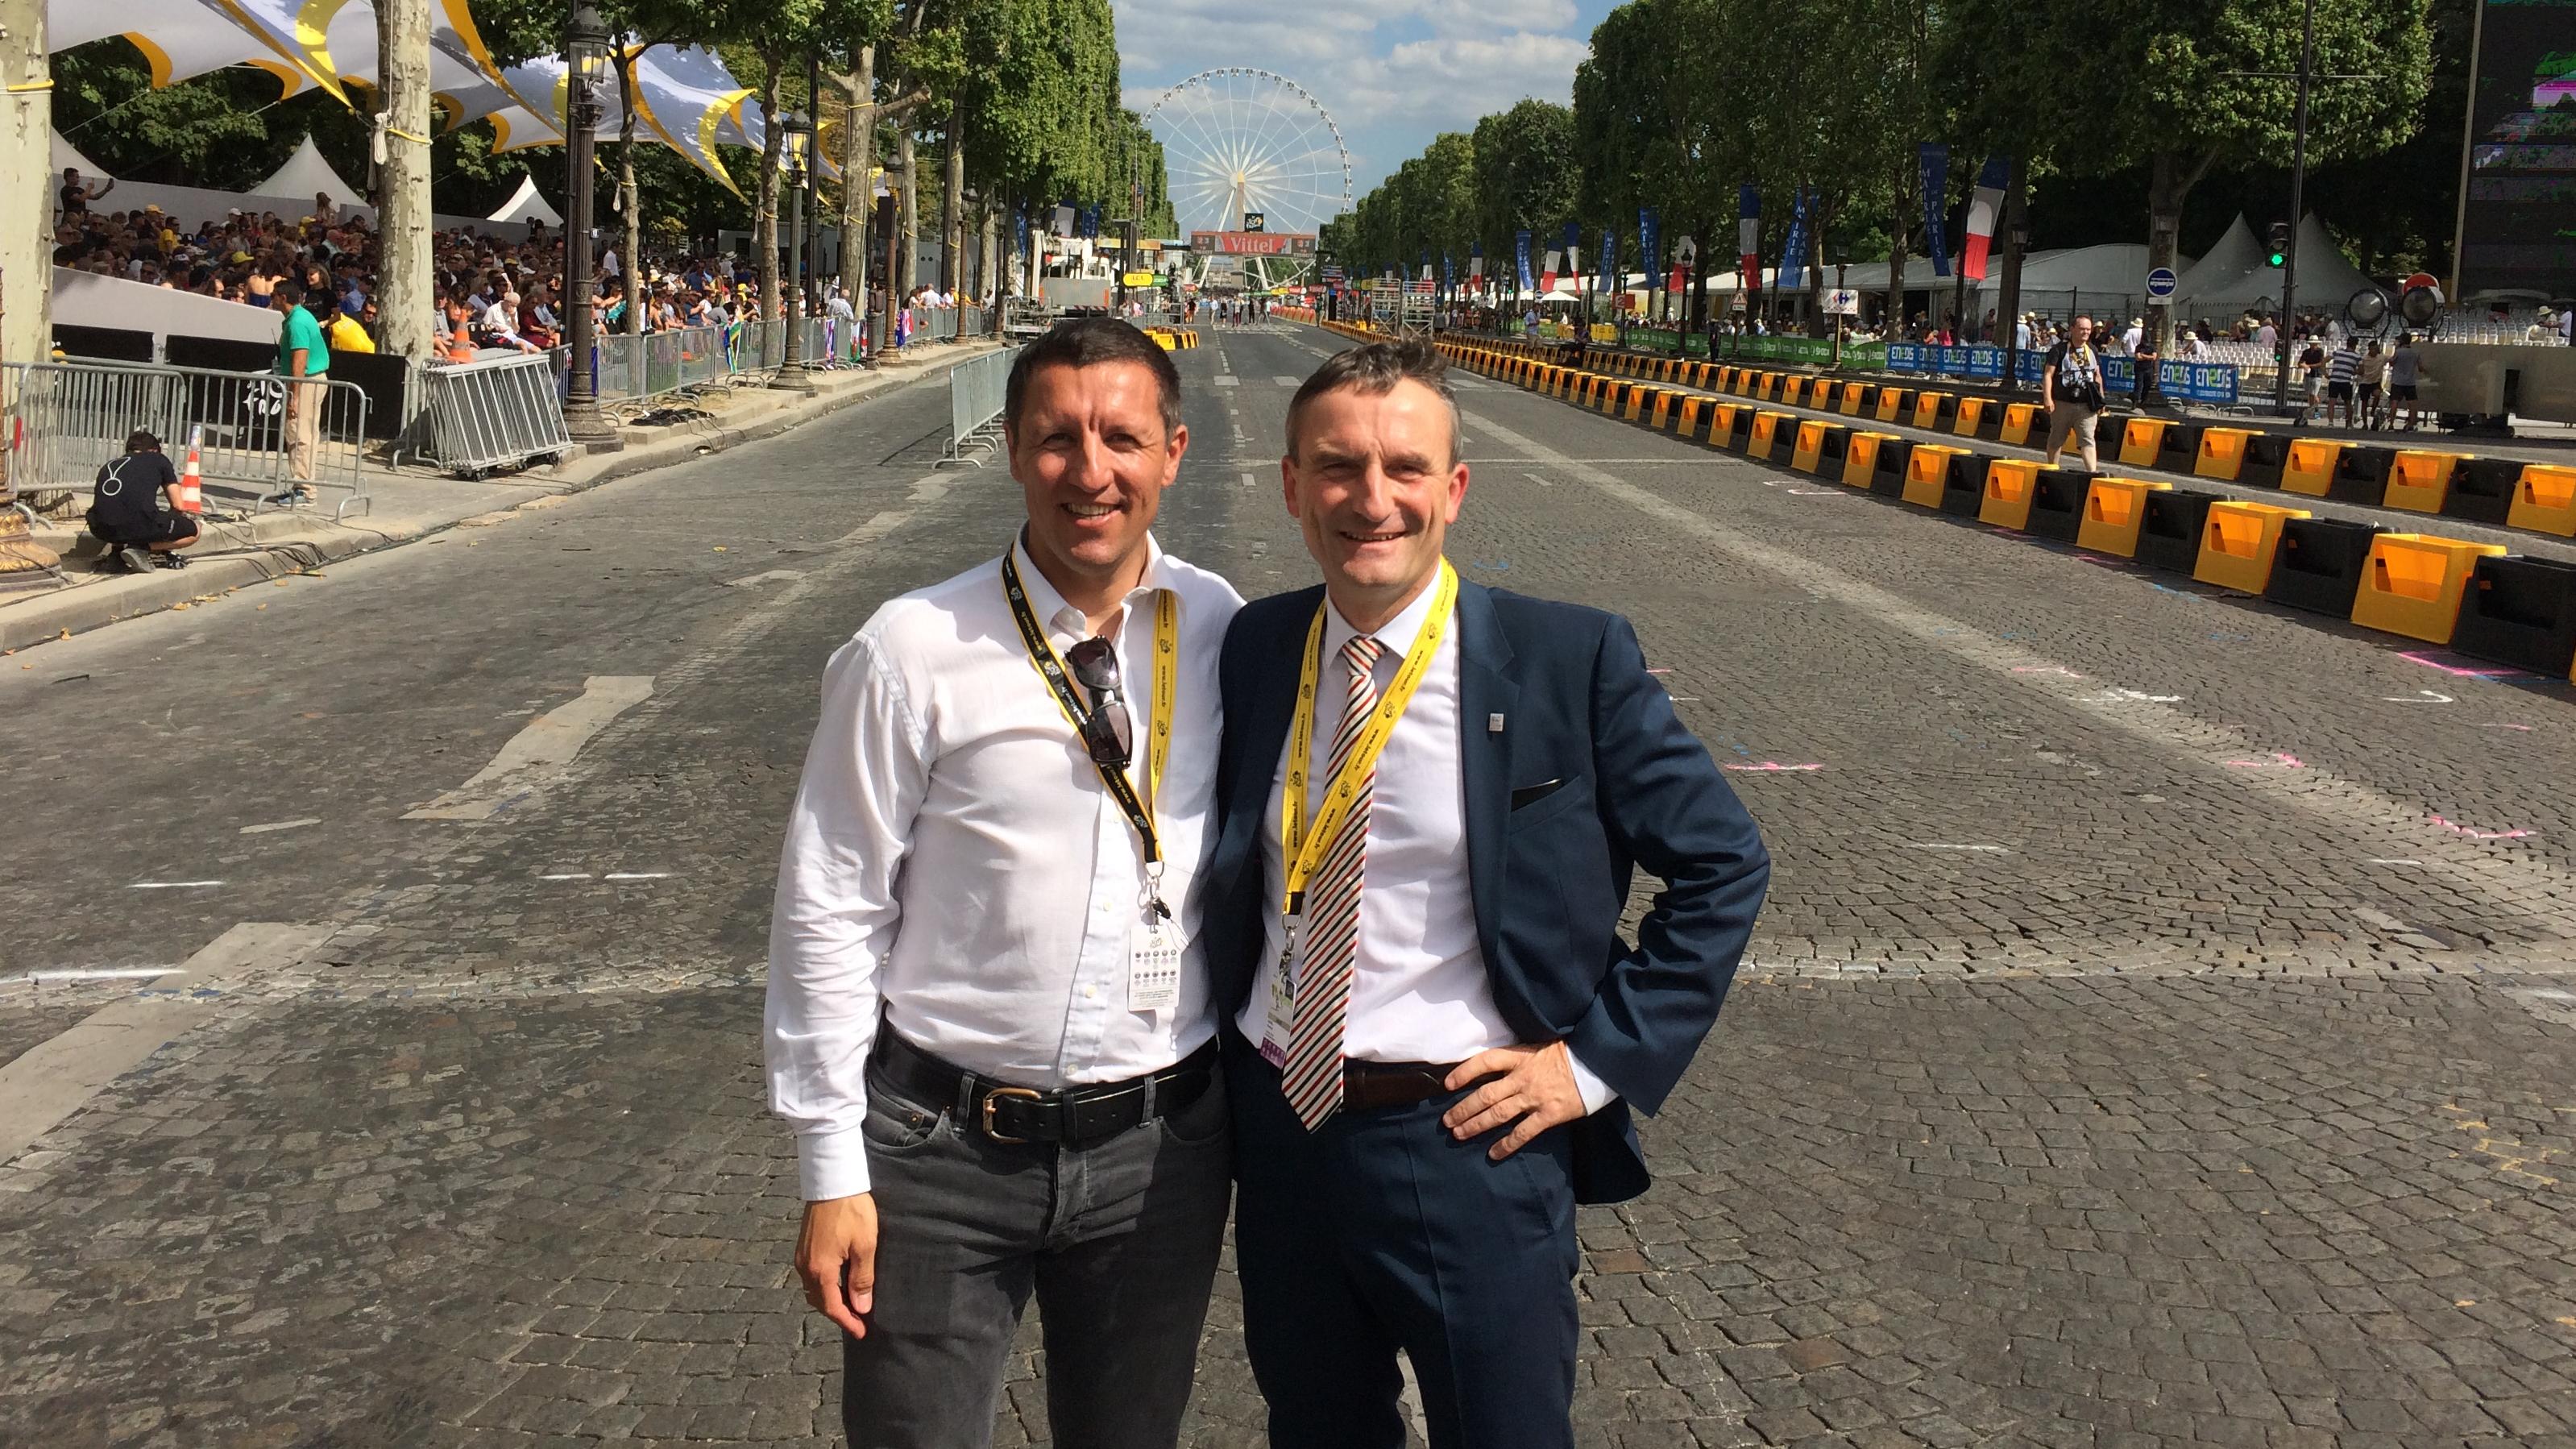 Sven Teutenberg Und OB Geisel Bei Der Tour De France In Paris (Foto: Landeshauptstadt Düsseldorf)